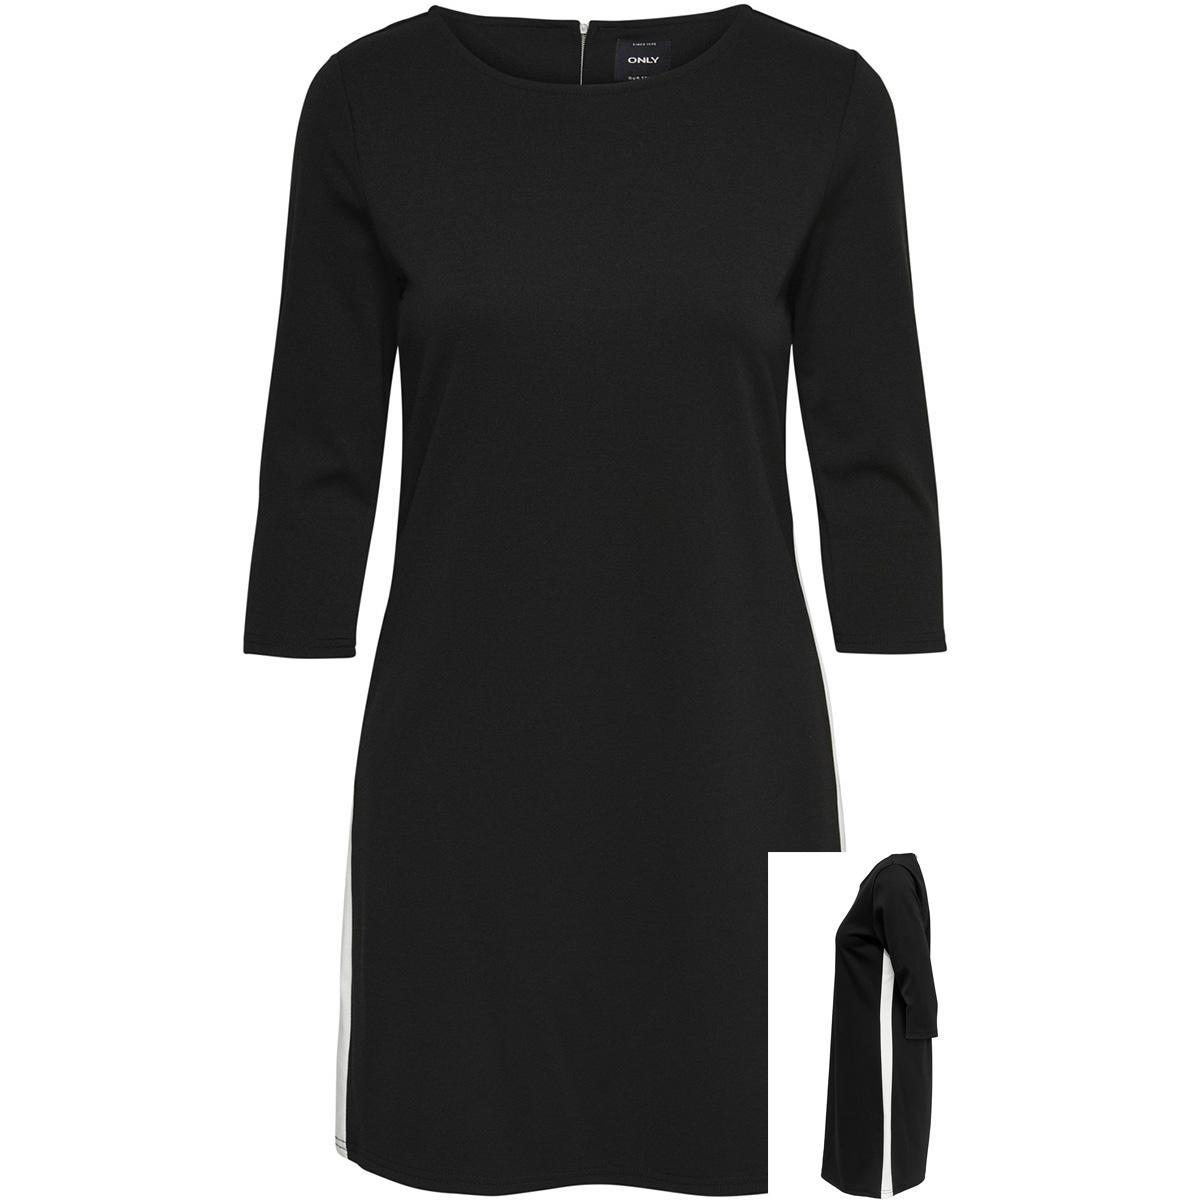 onlbrilliant 3/4 dress jrs noos 15160895 only jurk black/cloud dancer